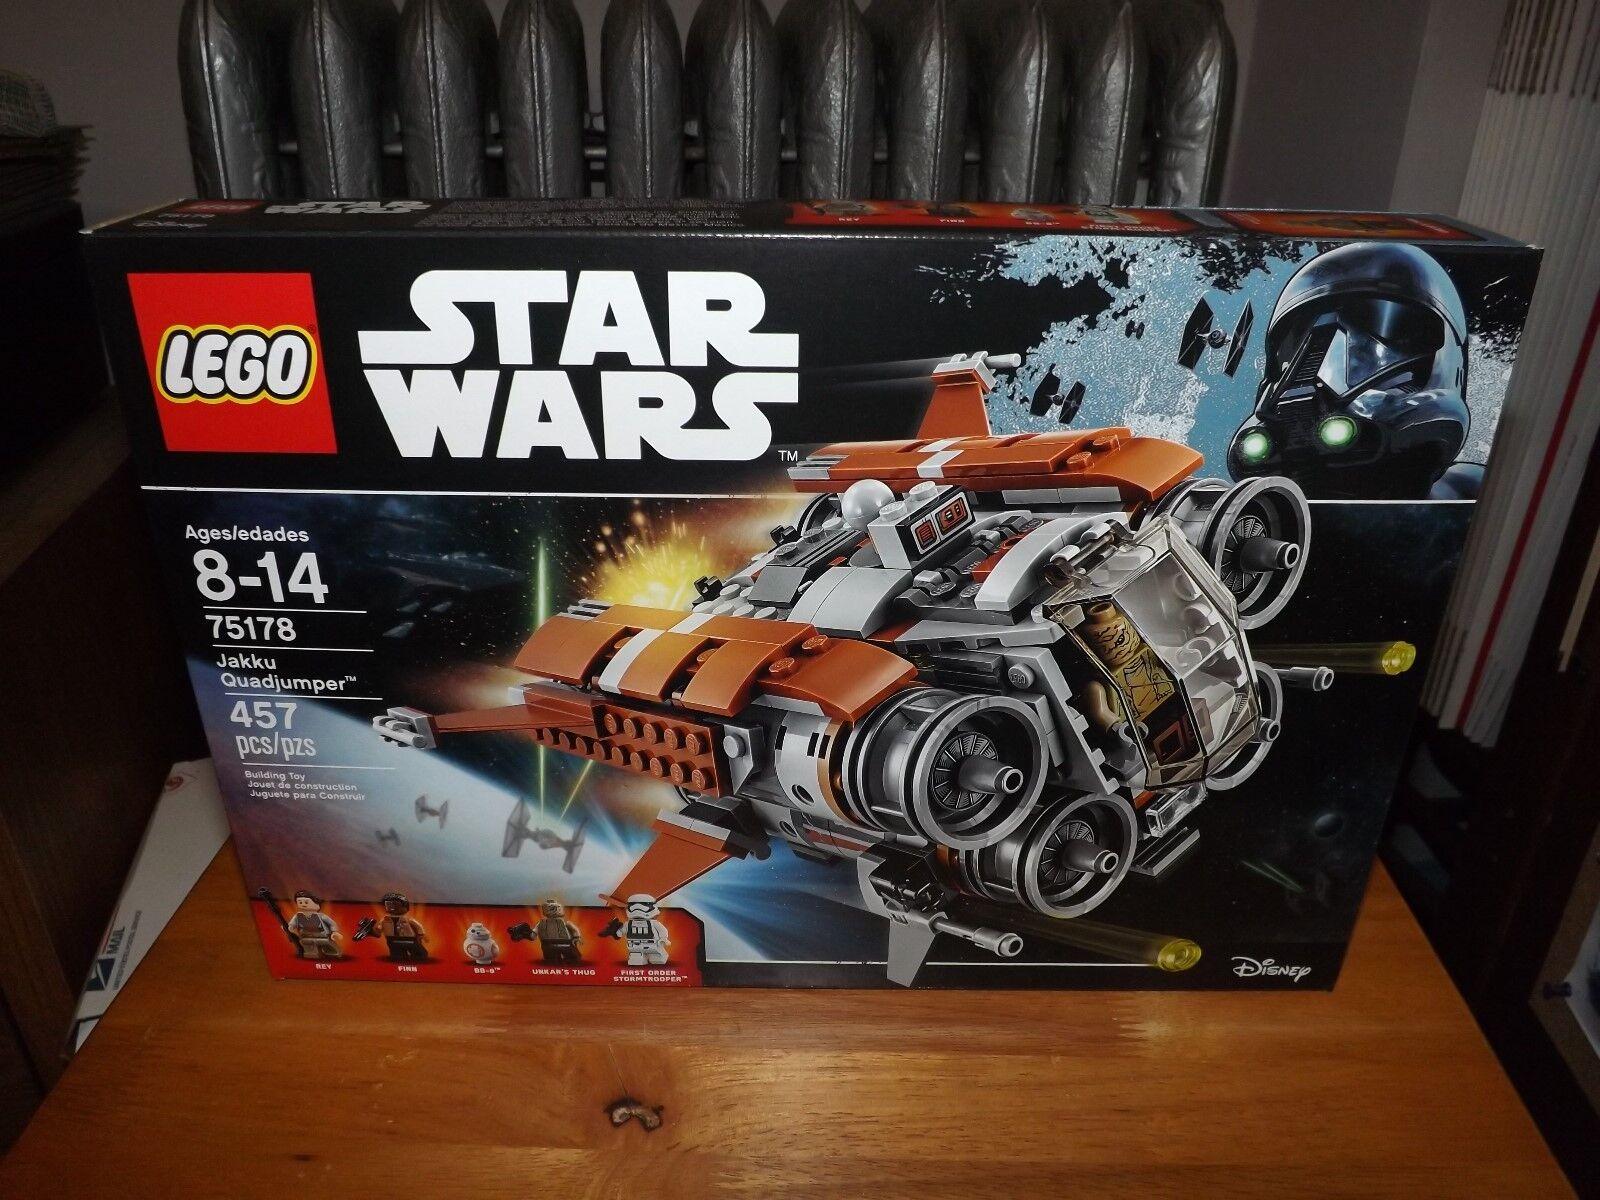 LEGO, STAR WARS, JAKKU QUADJUMPER, KIT  75178, 457 PIECES, NIB, 2017